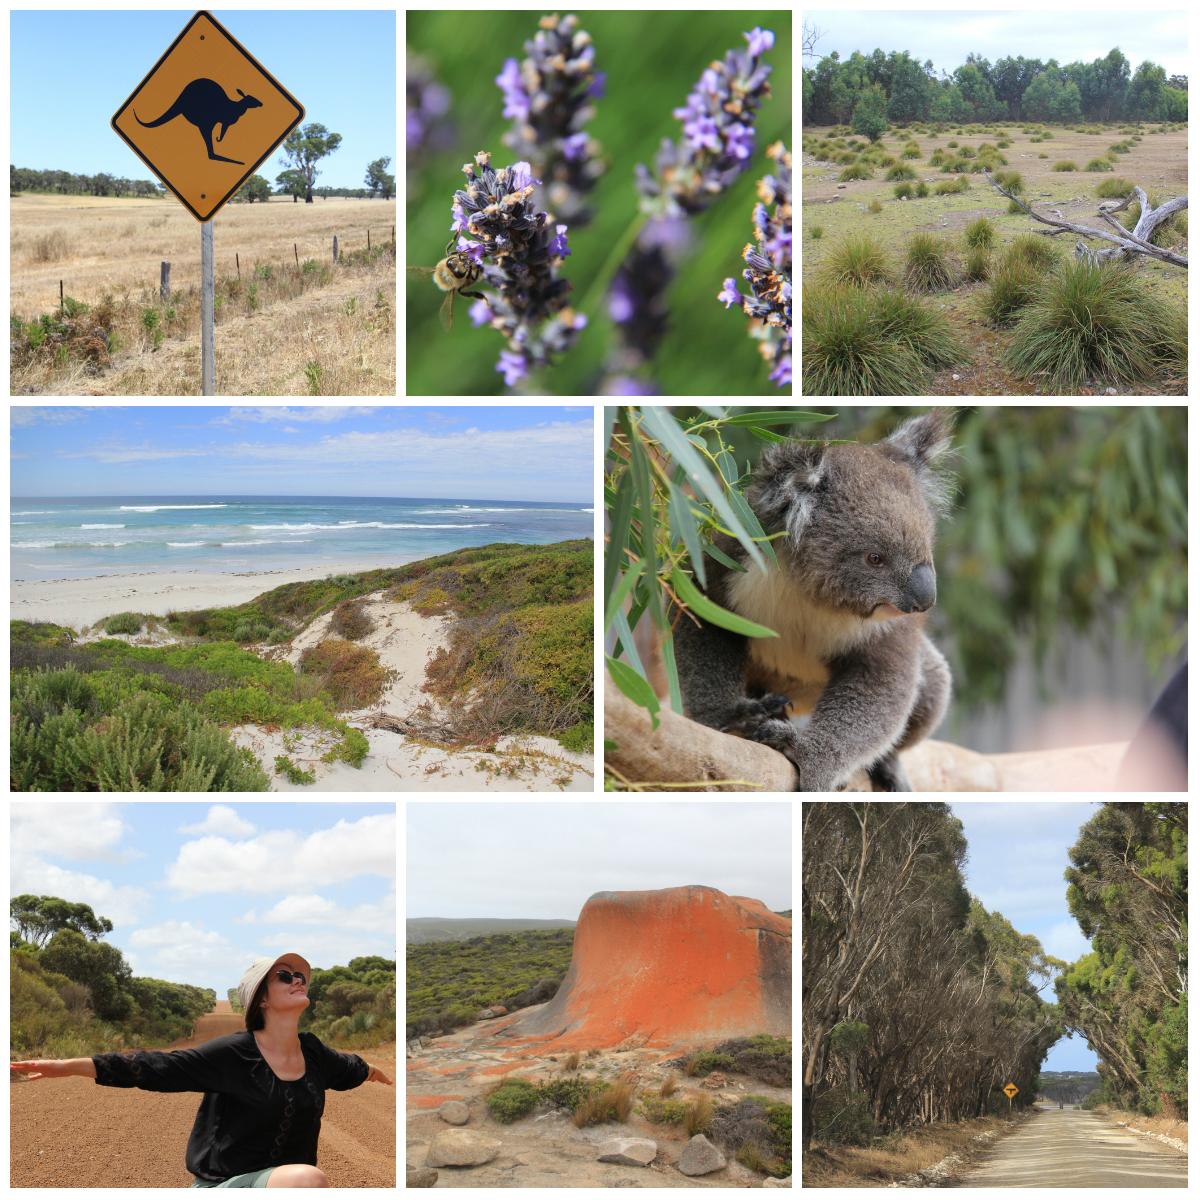 Drugi, najpiękniejszy etap podróży: Wyspa Kangurów [Kangaroo Island] bardzo słabo zaludniona, z eukaliptusowymi lasami, plażami jak z bajki, kangurami i koalami. Żałuję, że byłam tam tak krótko...